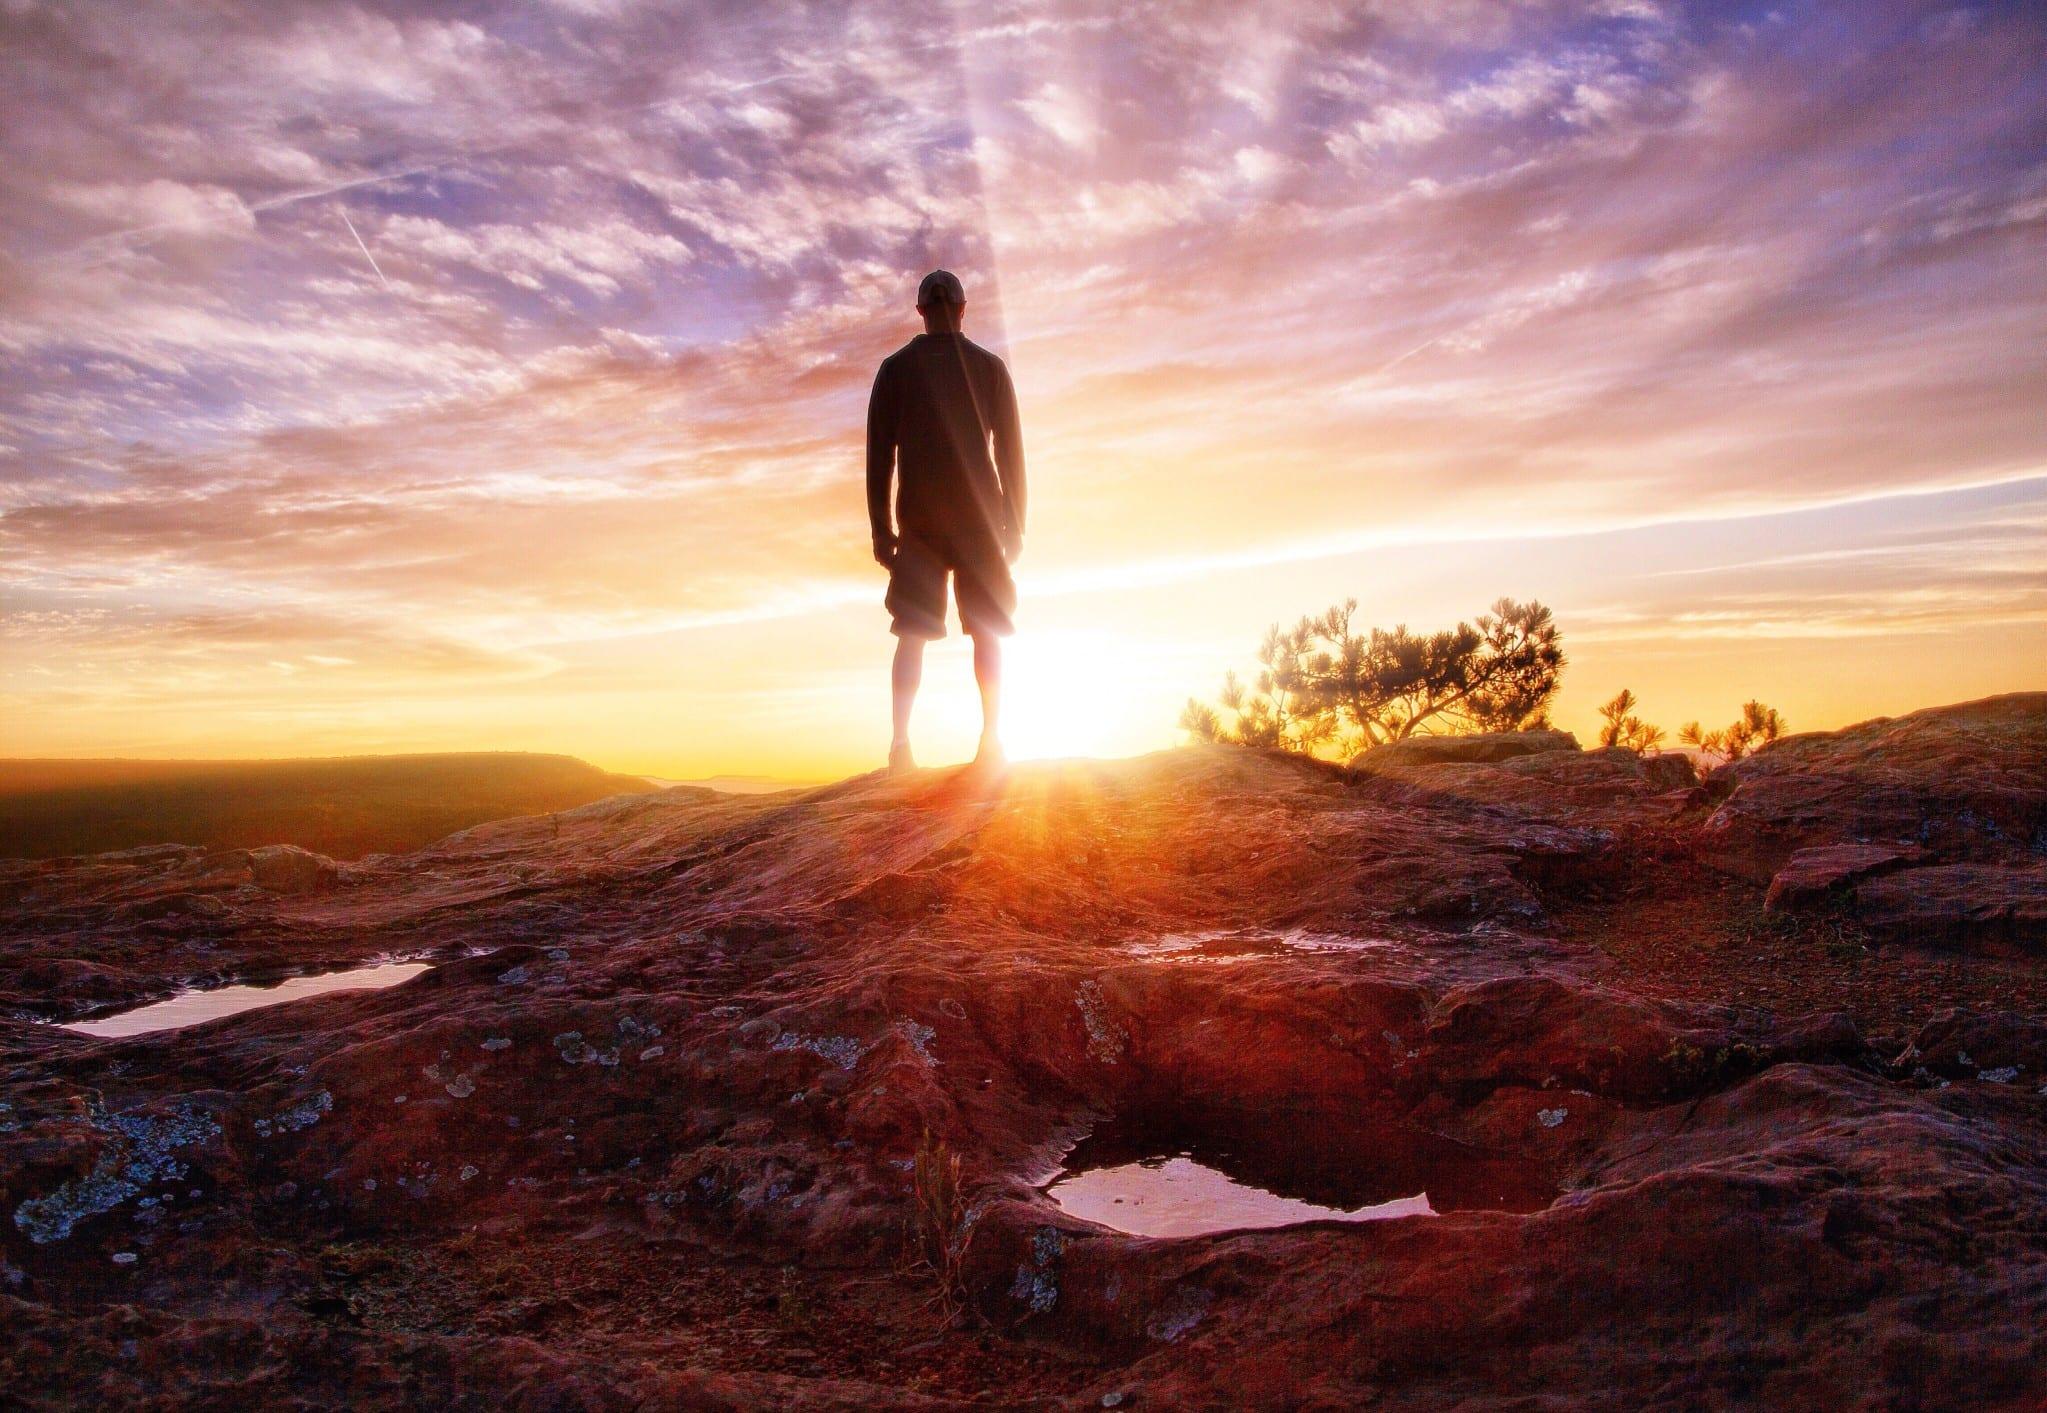 7 Best Free Camping Spots in Arkansas